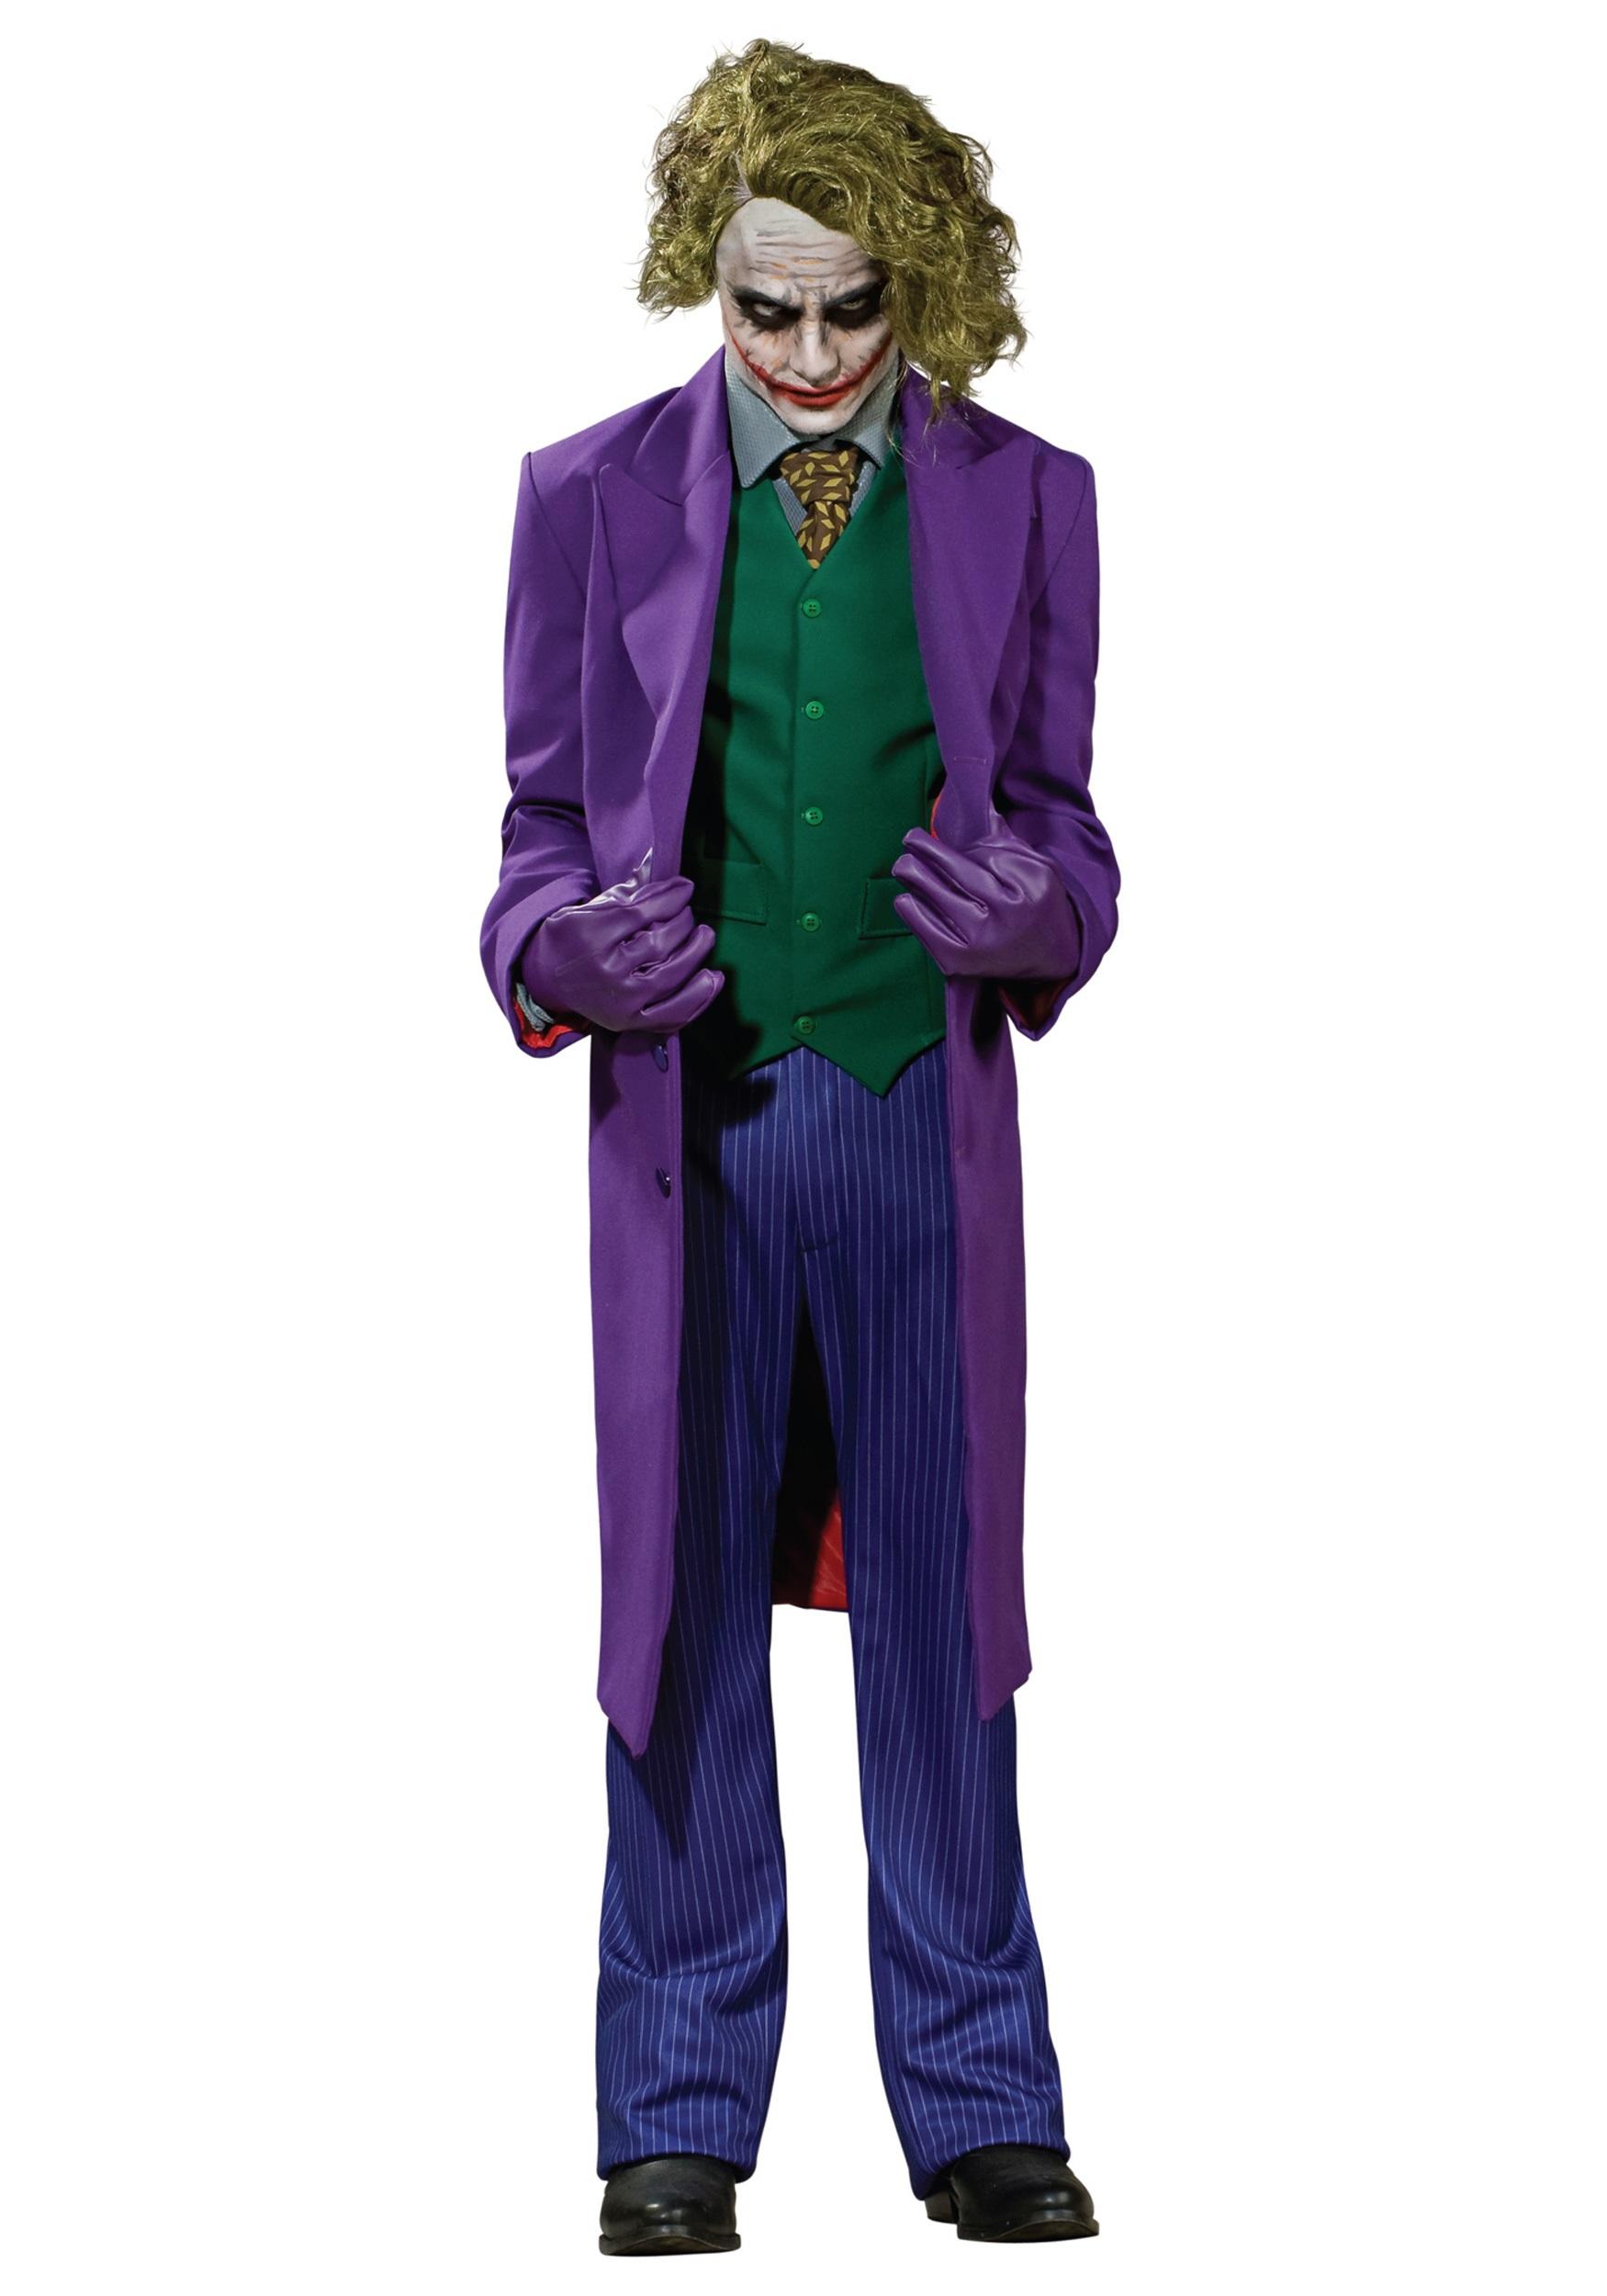 Authentic Joker Costume  sc 1 st  Costumes Galore & Authentic Joker Costume - Dark Knight Joker Costumes